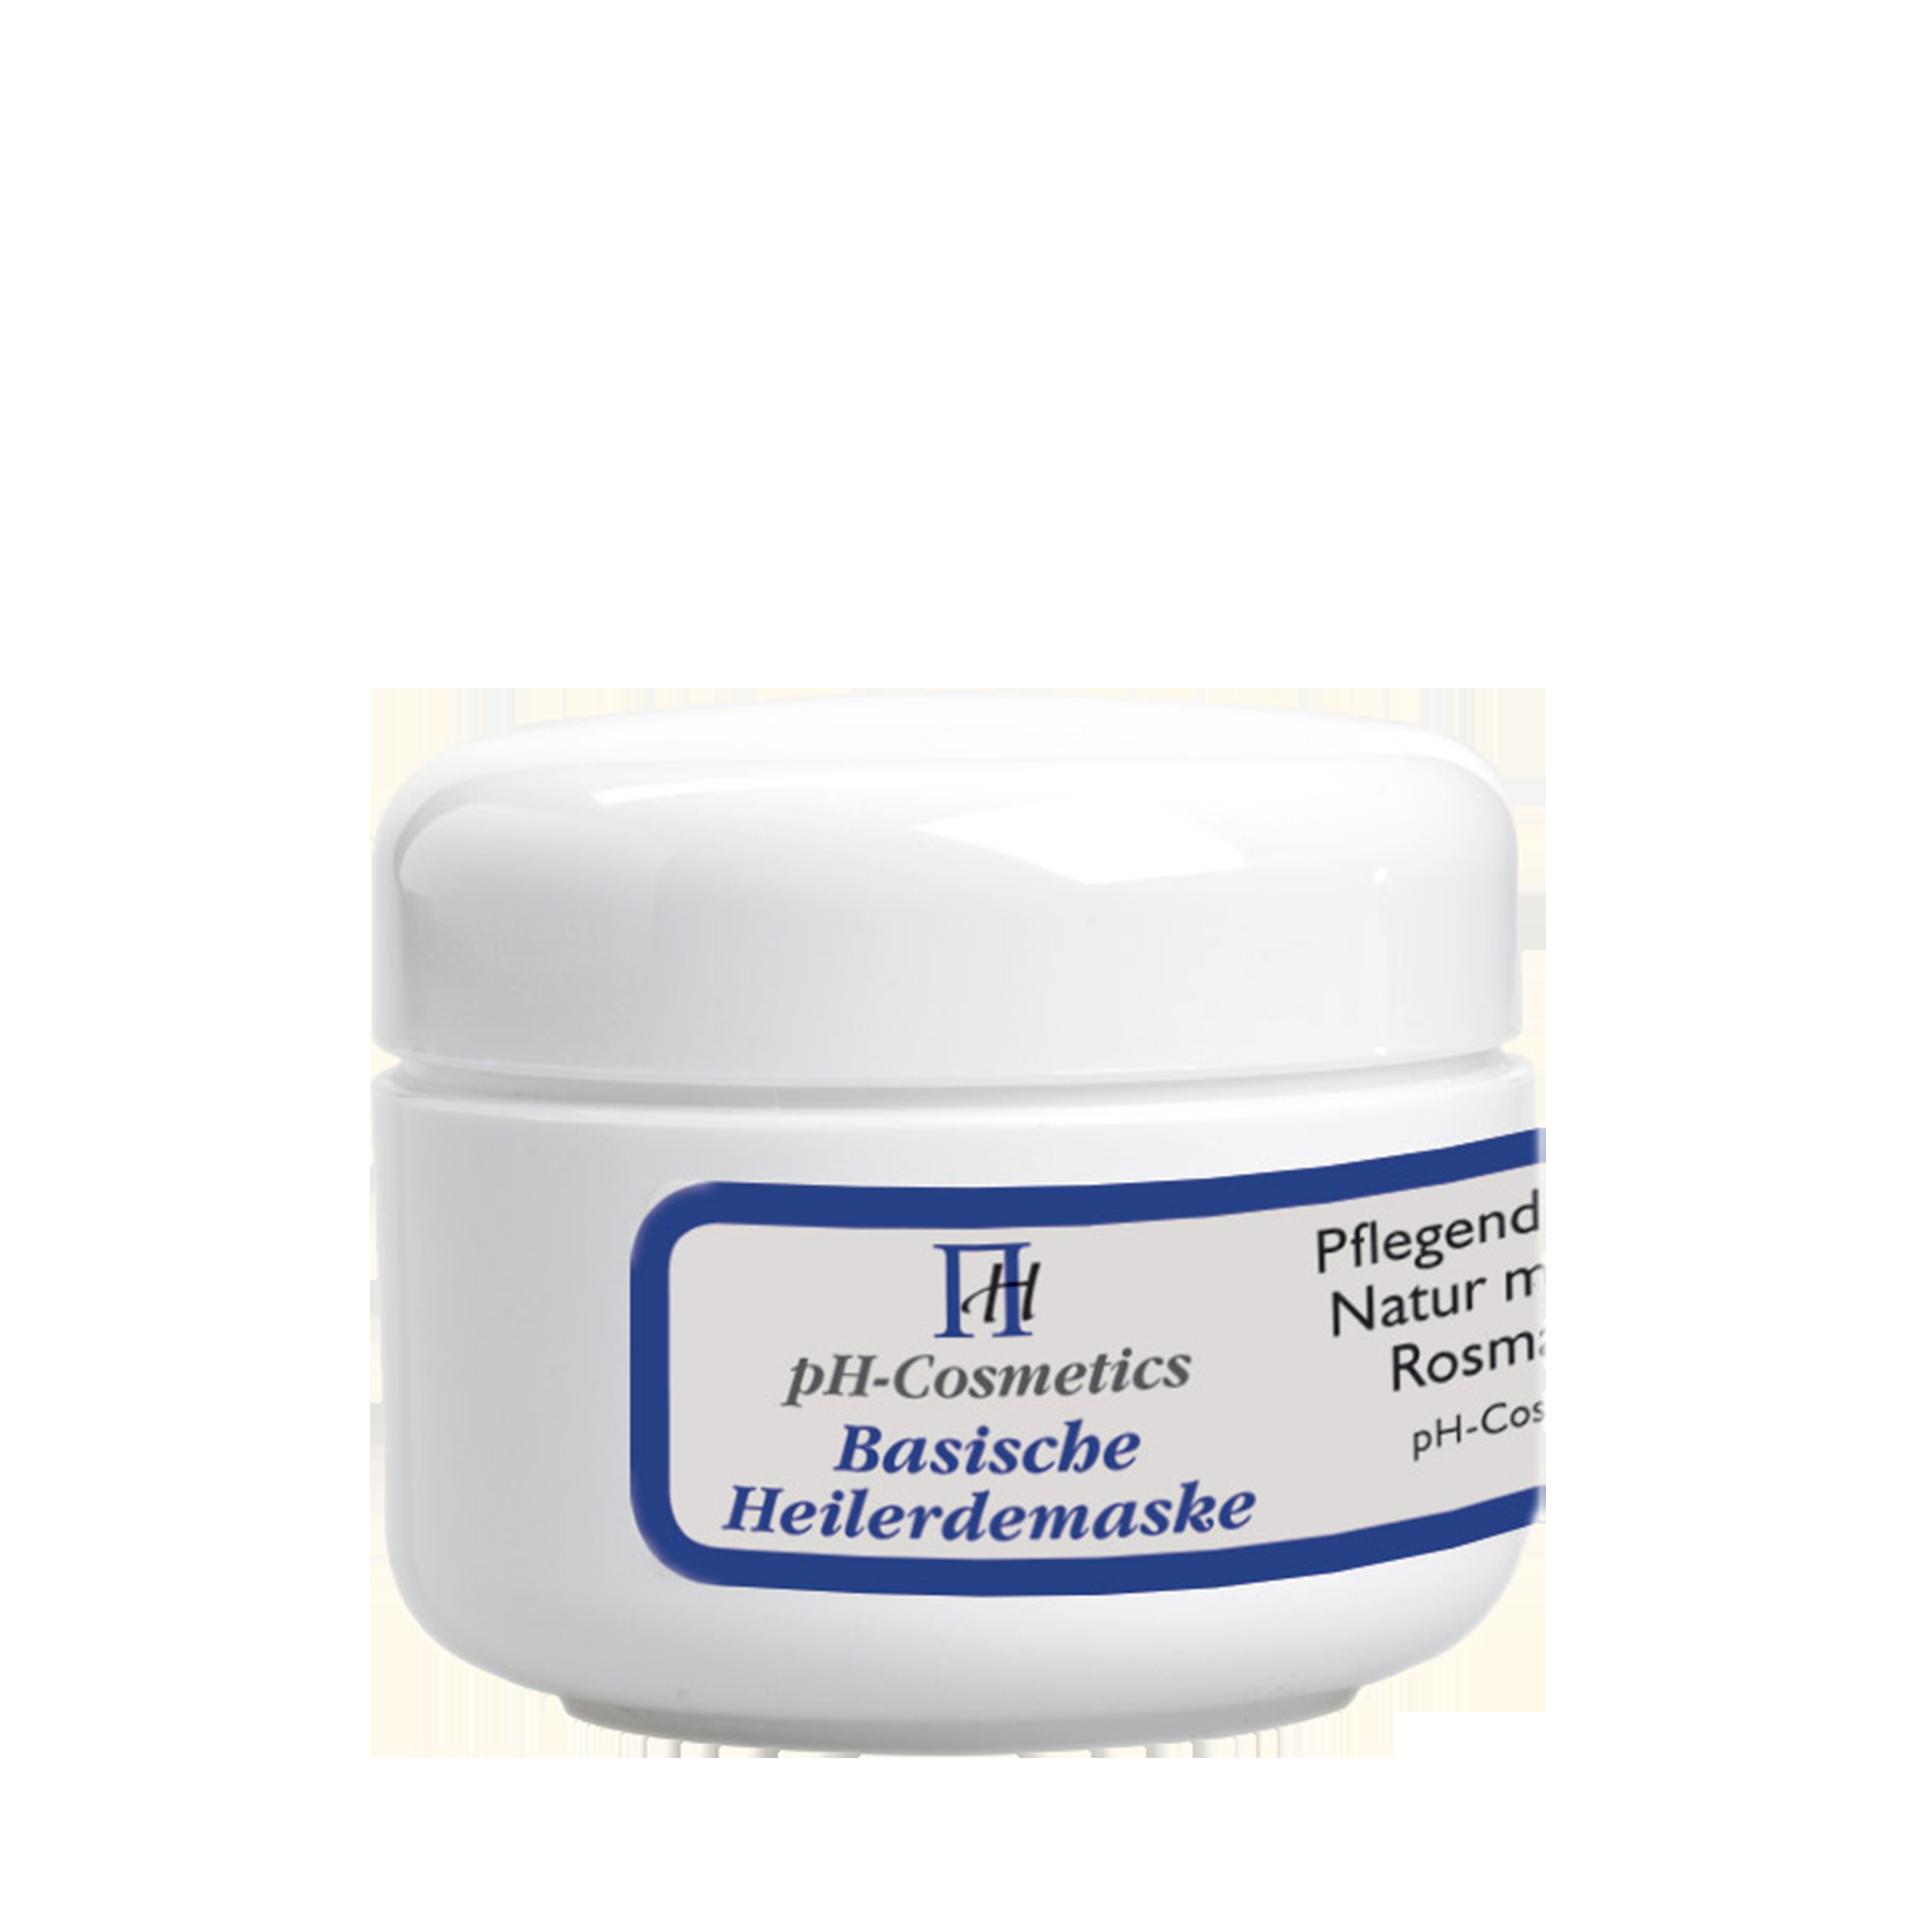 Basische Heilerde-Maske, pH 7.5, 50 ml